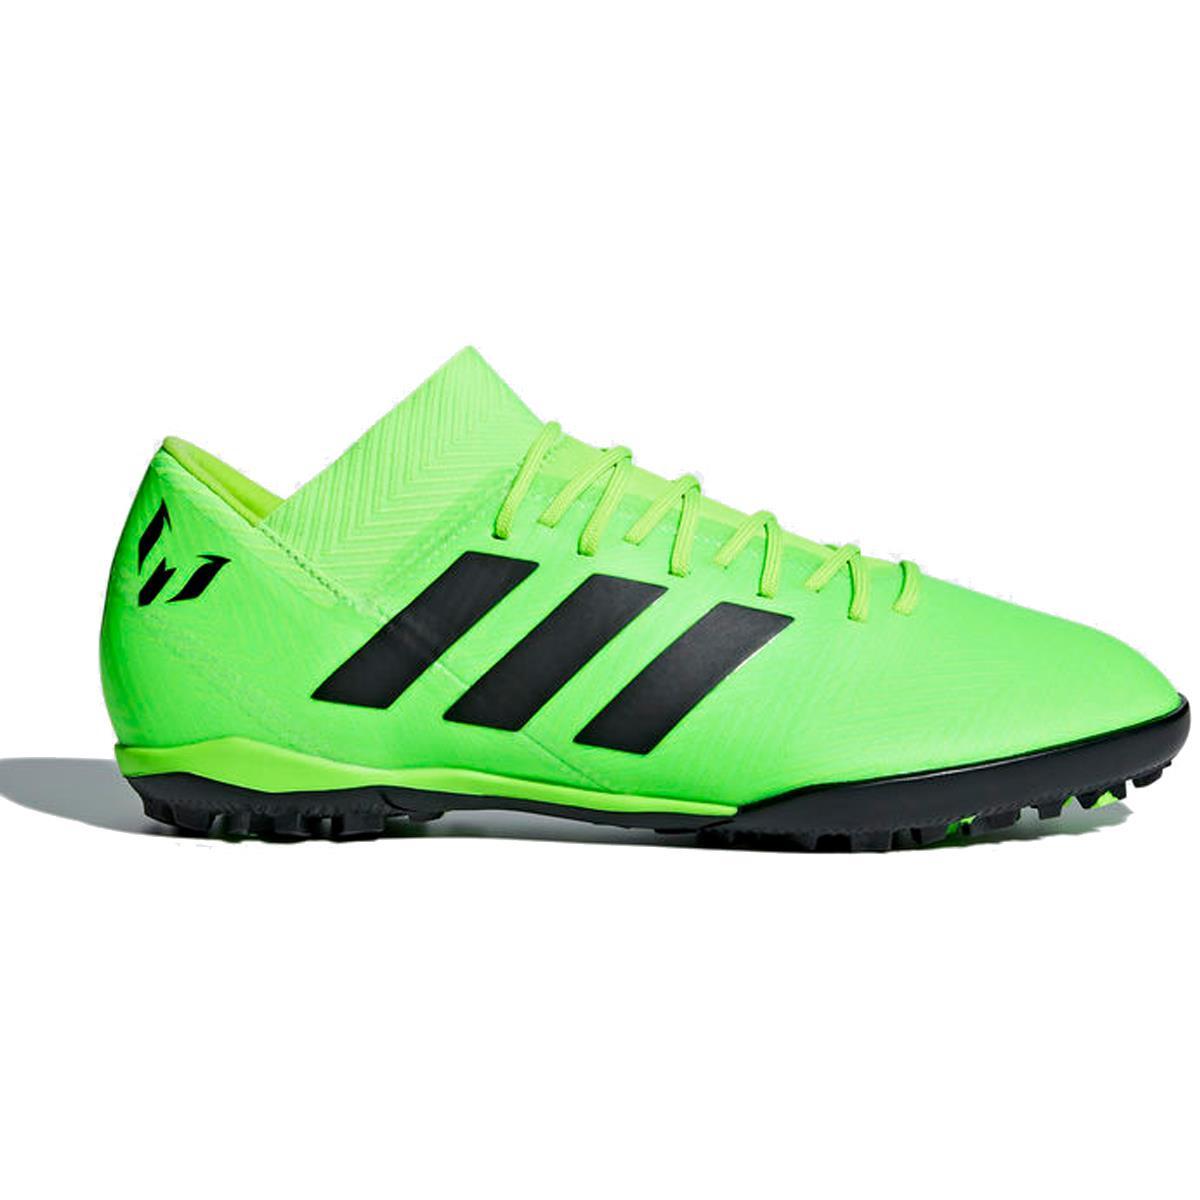 30998ba1ea8 Chuteira Society Adidas Nemeziz Messi Tango 18.3 Verde Limão